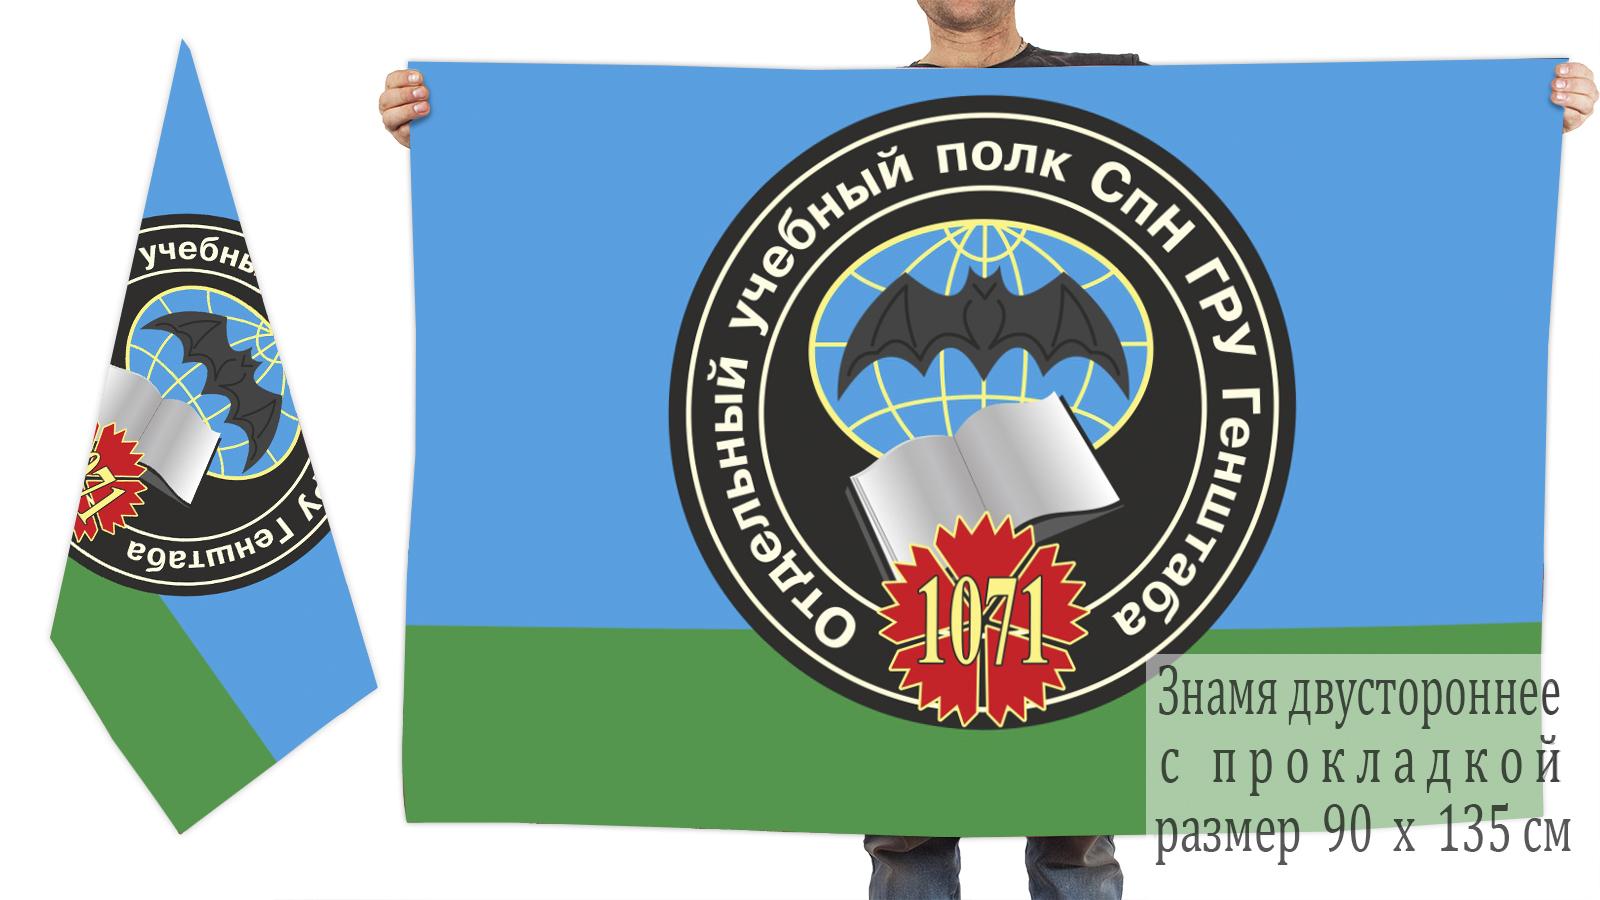 Двусторонний флаг 1071 отдельного учебного полка специального назначения